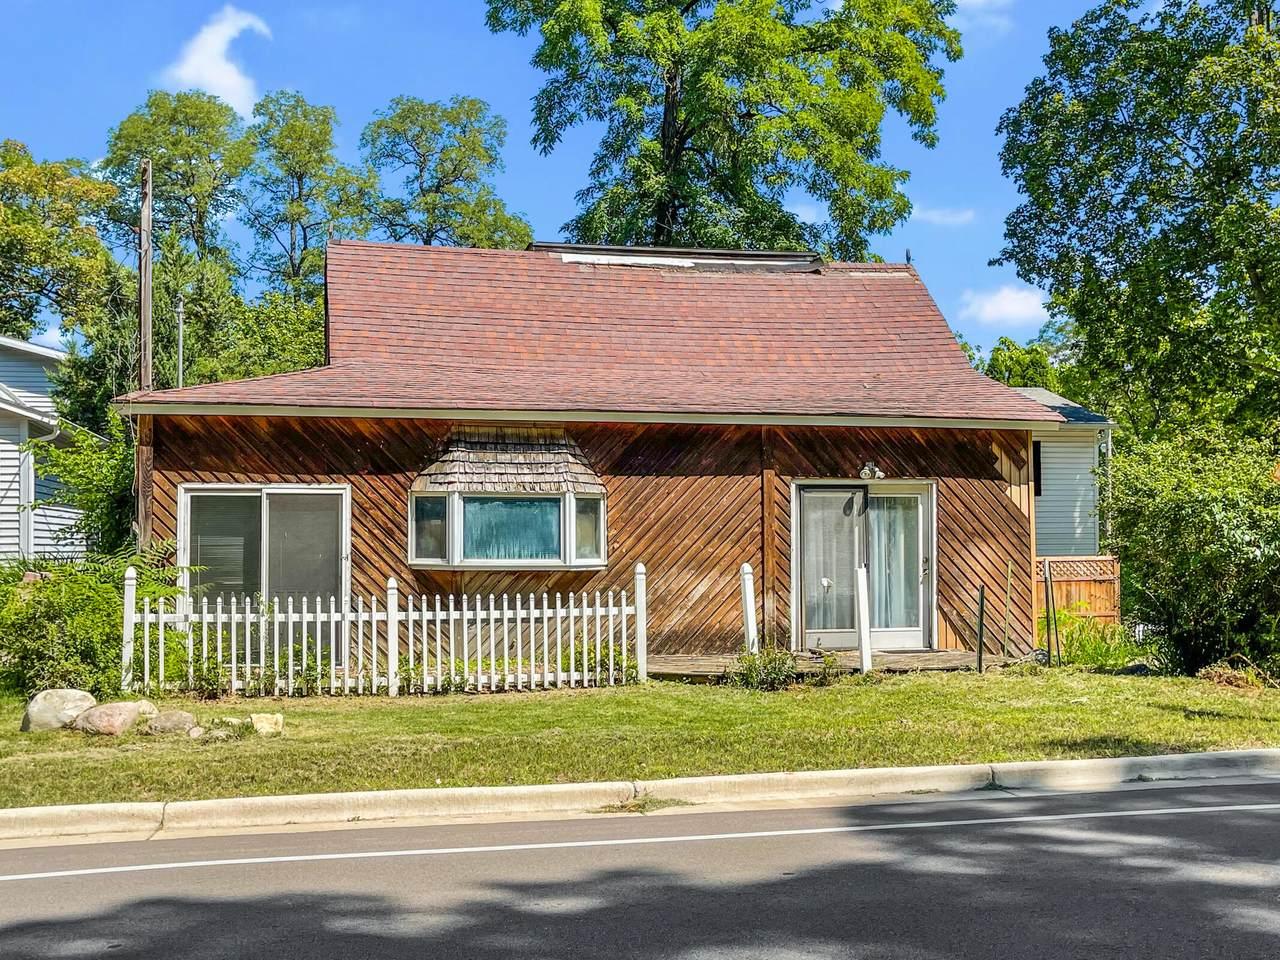 422 Lakeshore Dr - Photo 1